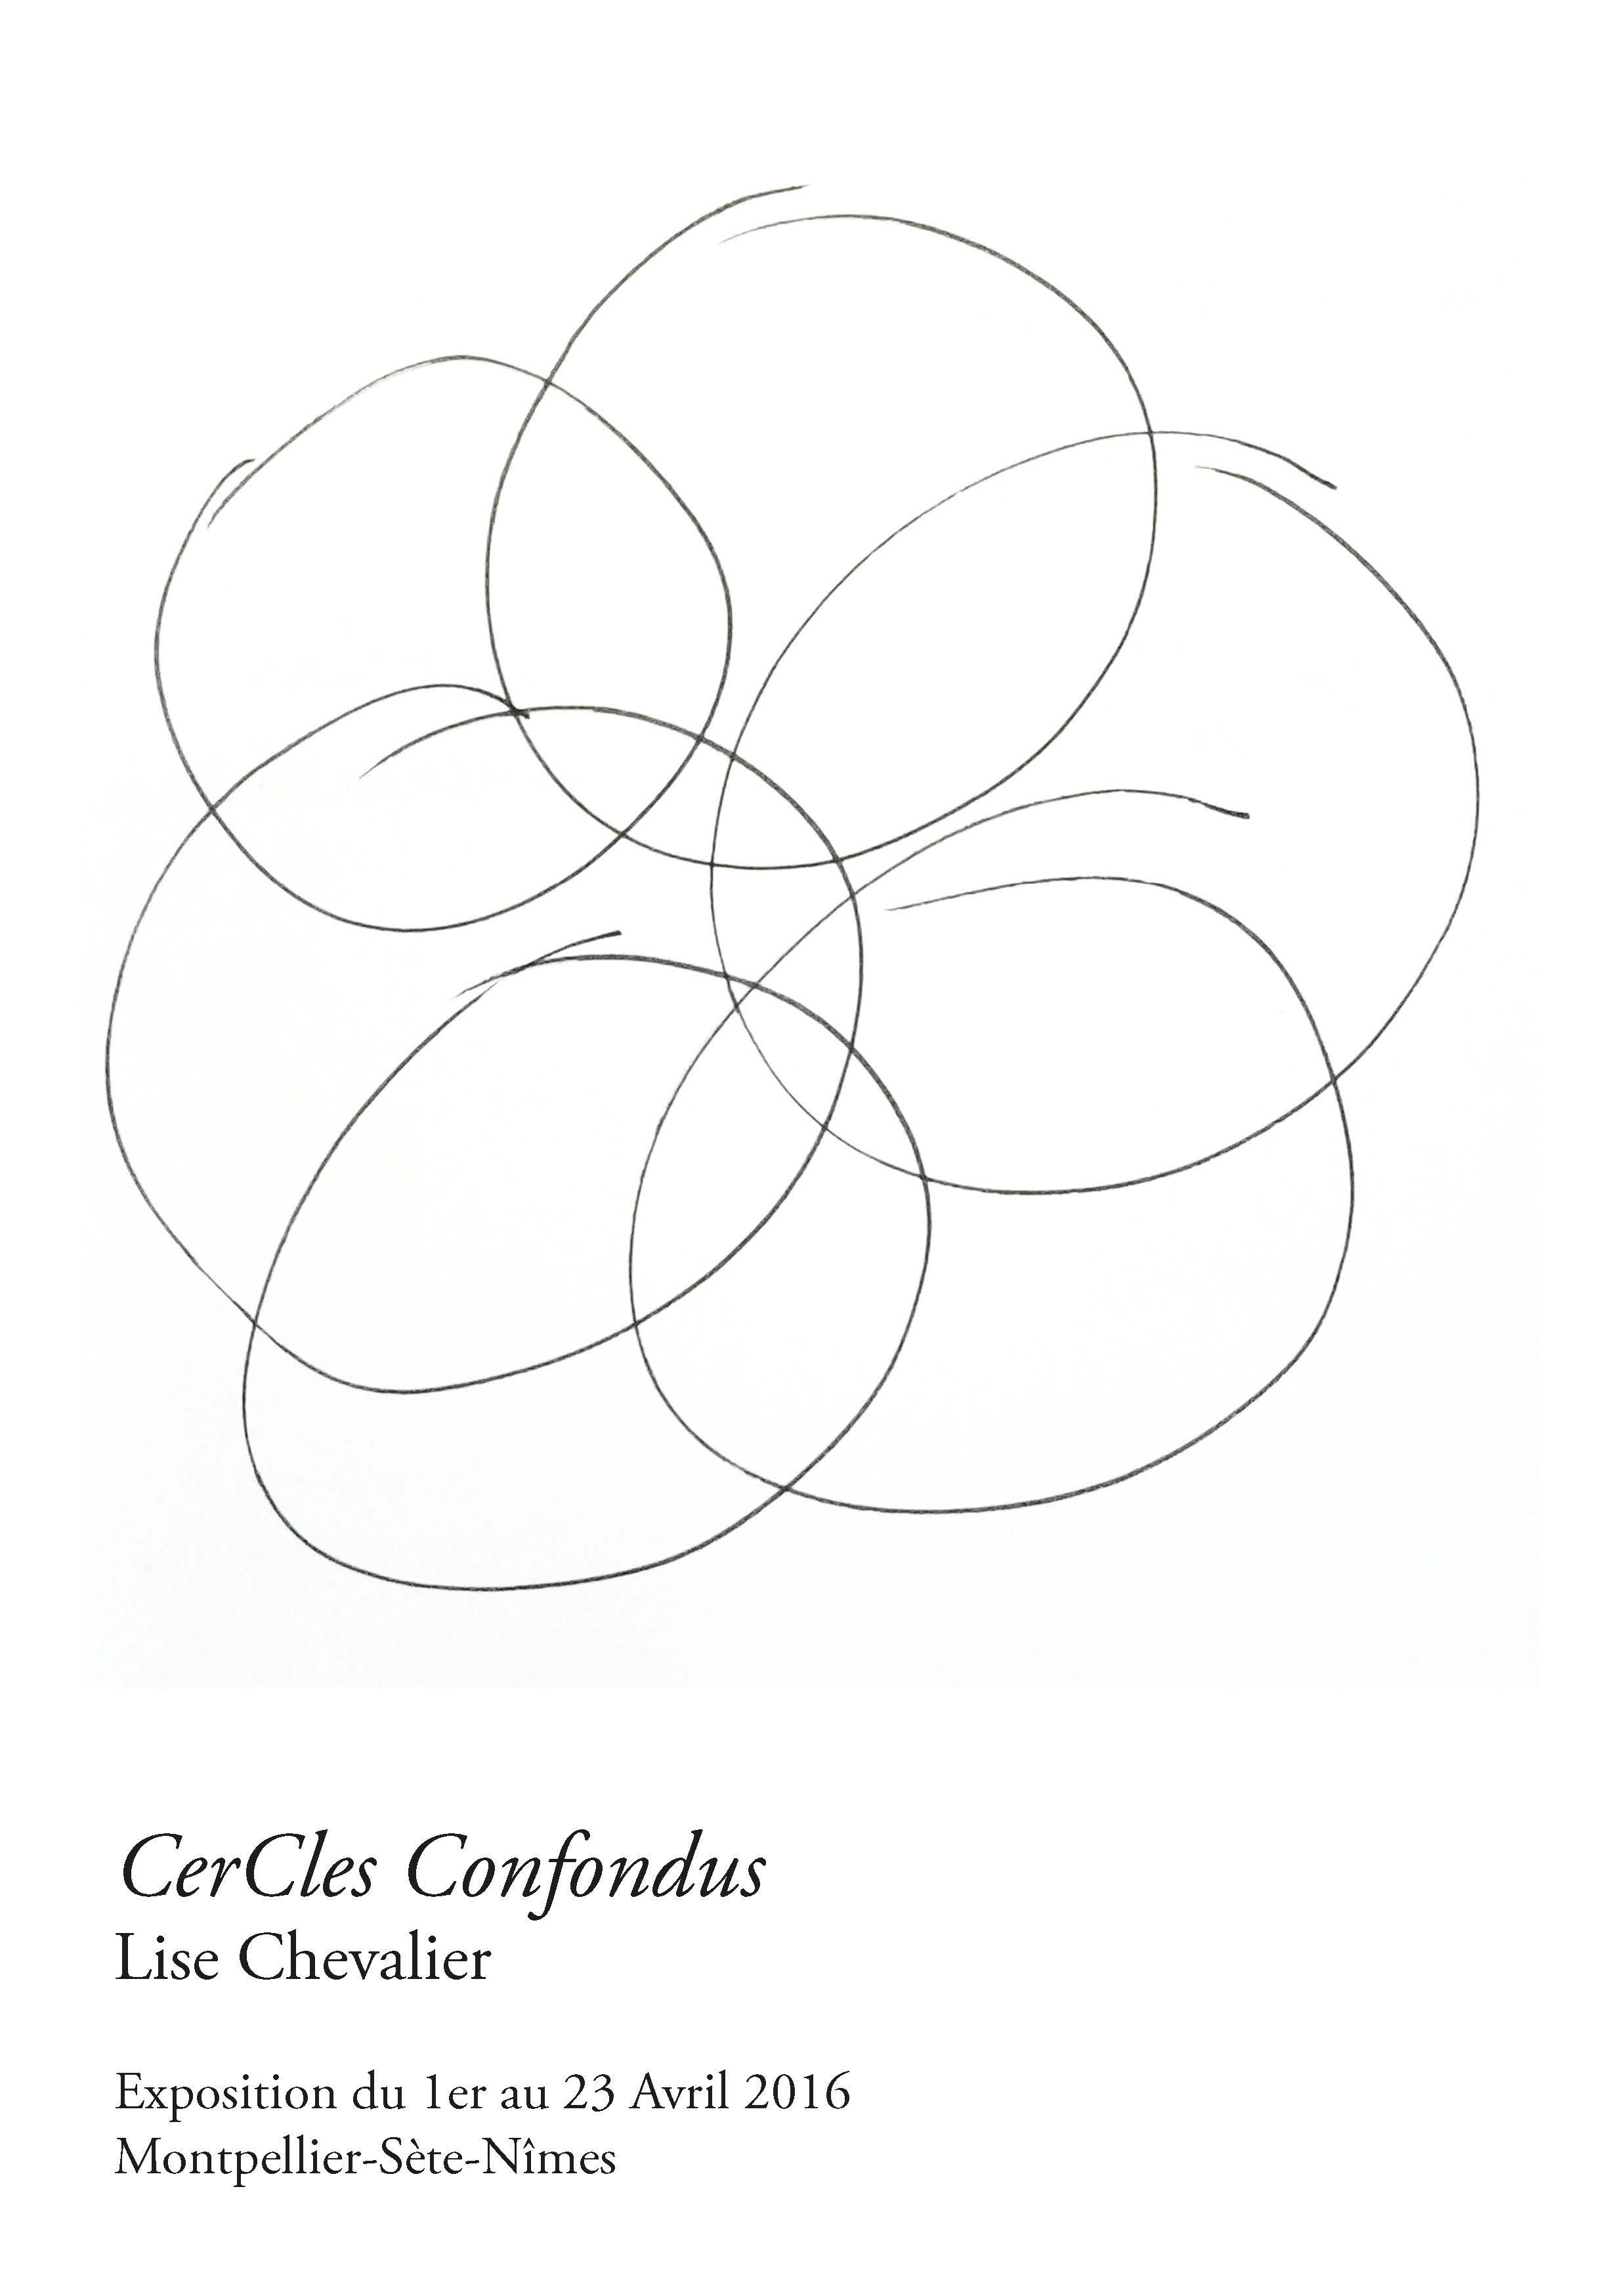 Lise Chevalier expose : CerCles Confondus du 1er au 23 Avril 2016 – Montpellier/Sète/Nîmes